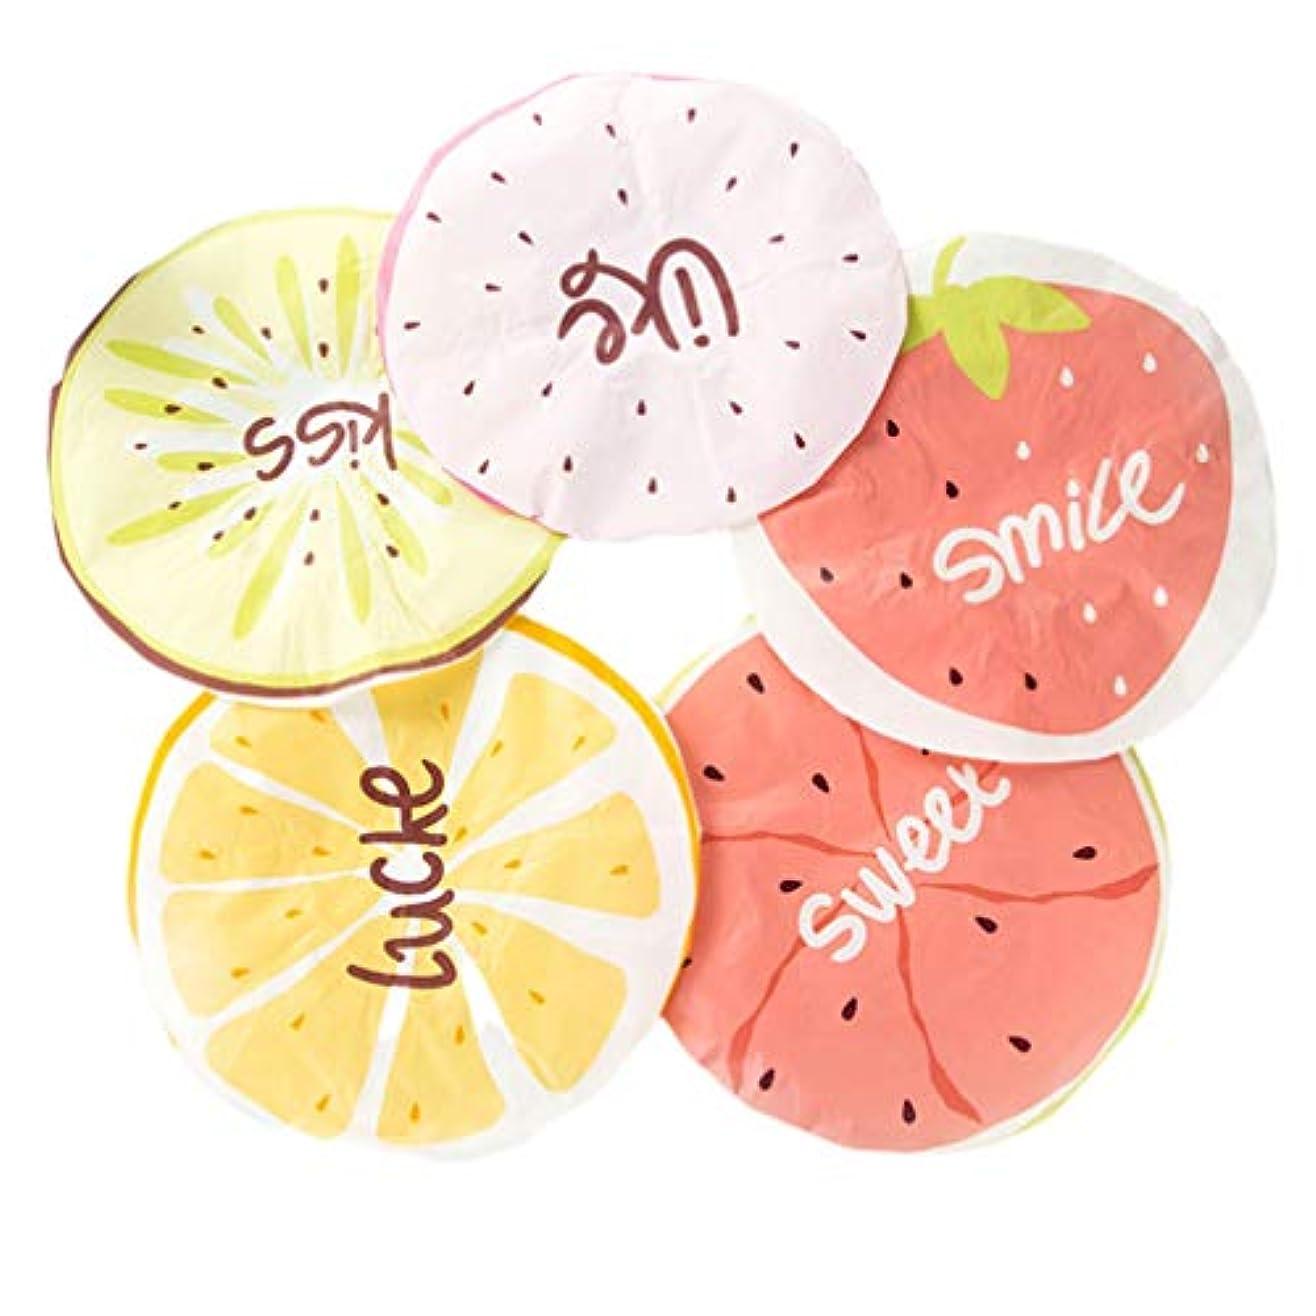 定義天皇夜間Lurrose 5ピース防水シャワーキャップフルーツシャワーキャップお風呂帽子レモンウォーターメレオンと大人のためのより多くのパターン